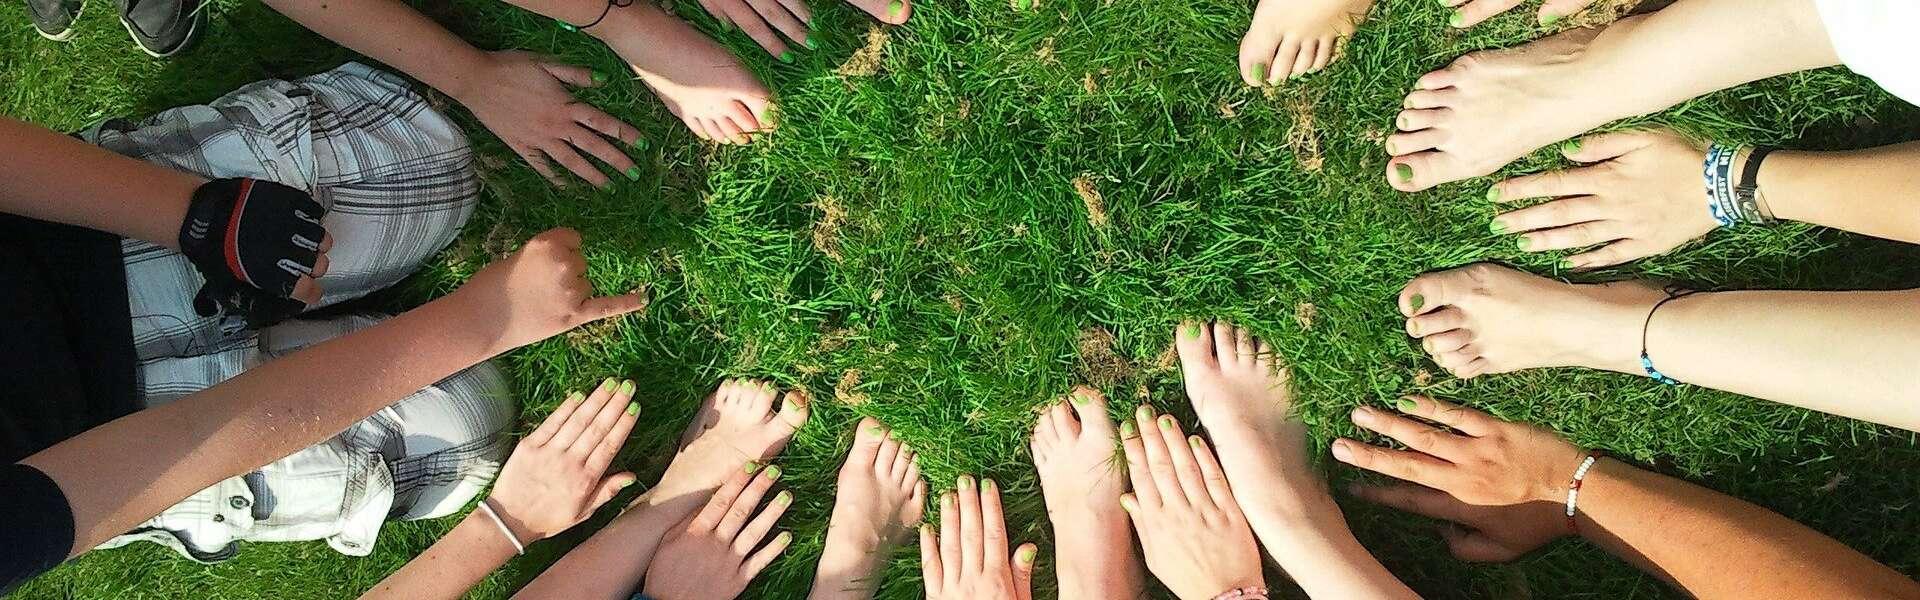 Lapset nurmella